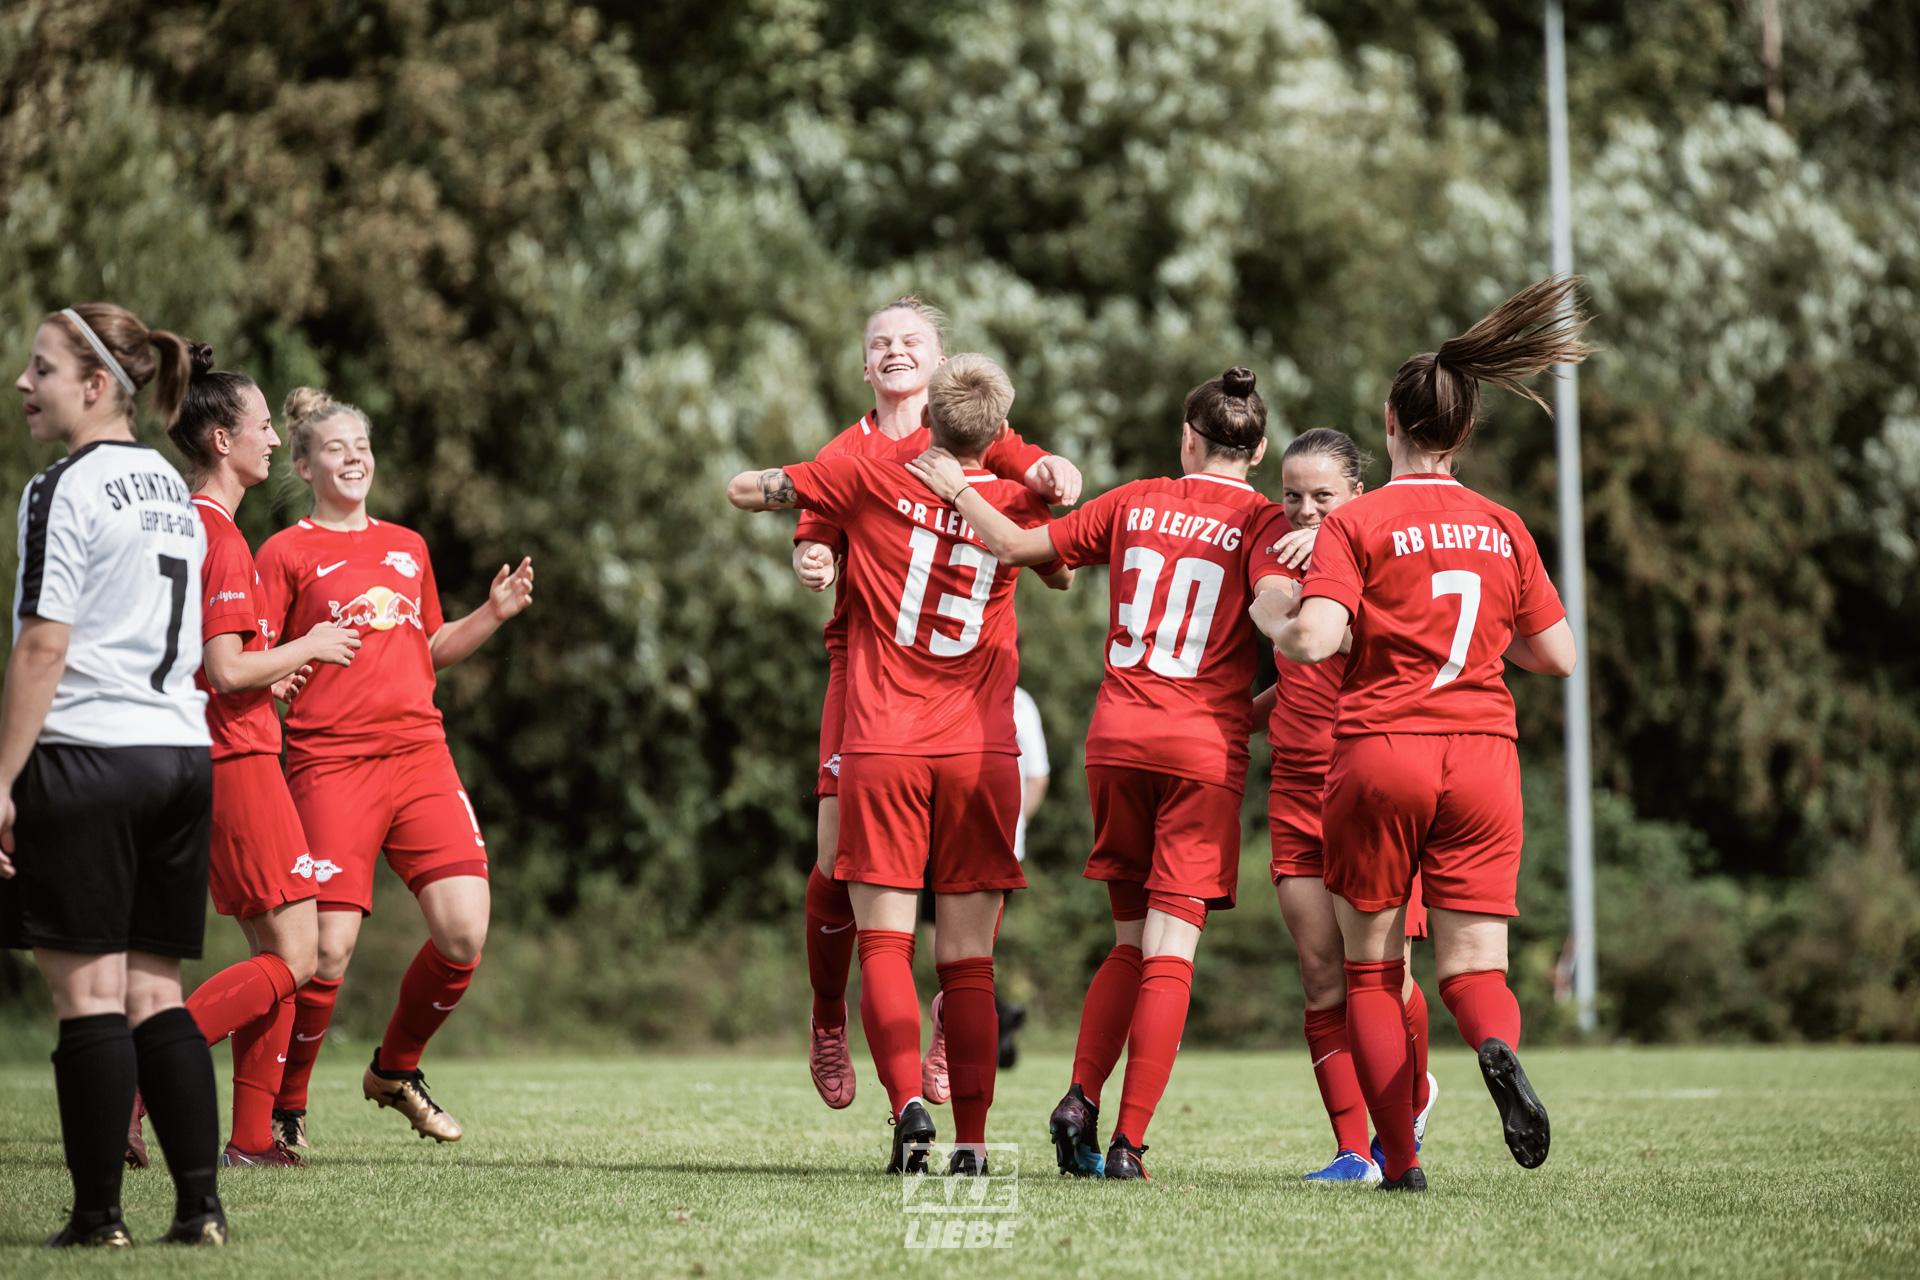 Regionalliga Nordost Frauen: SV Eintracht Leipzig-Süd -vs- RB Leipzig